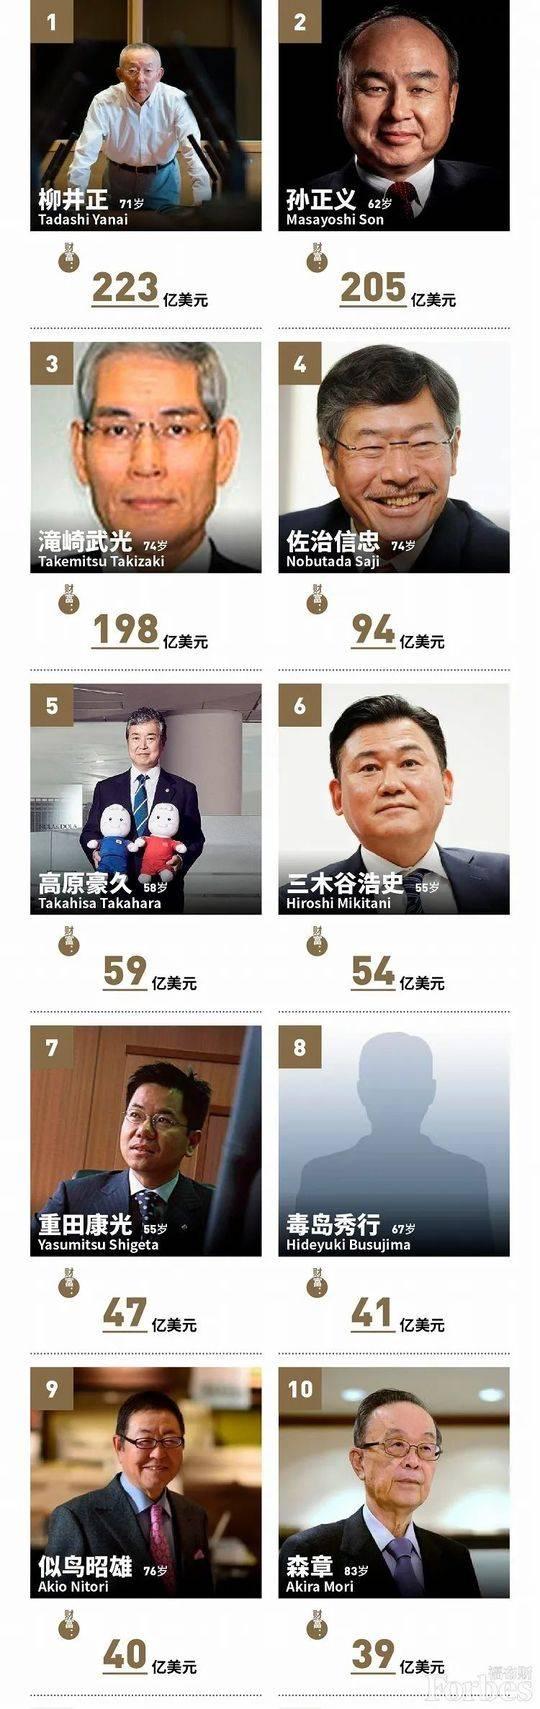 福布斯日本富豪榜:总财富缩水5% 优衣库柳井正蝉联首富